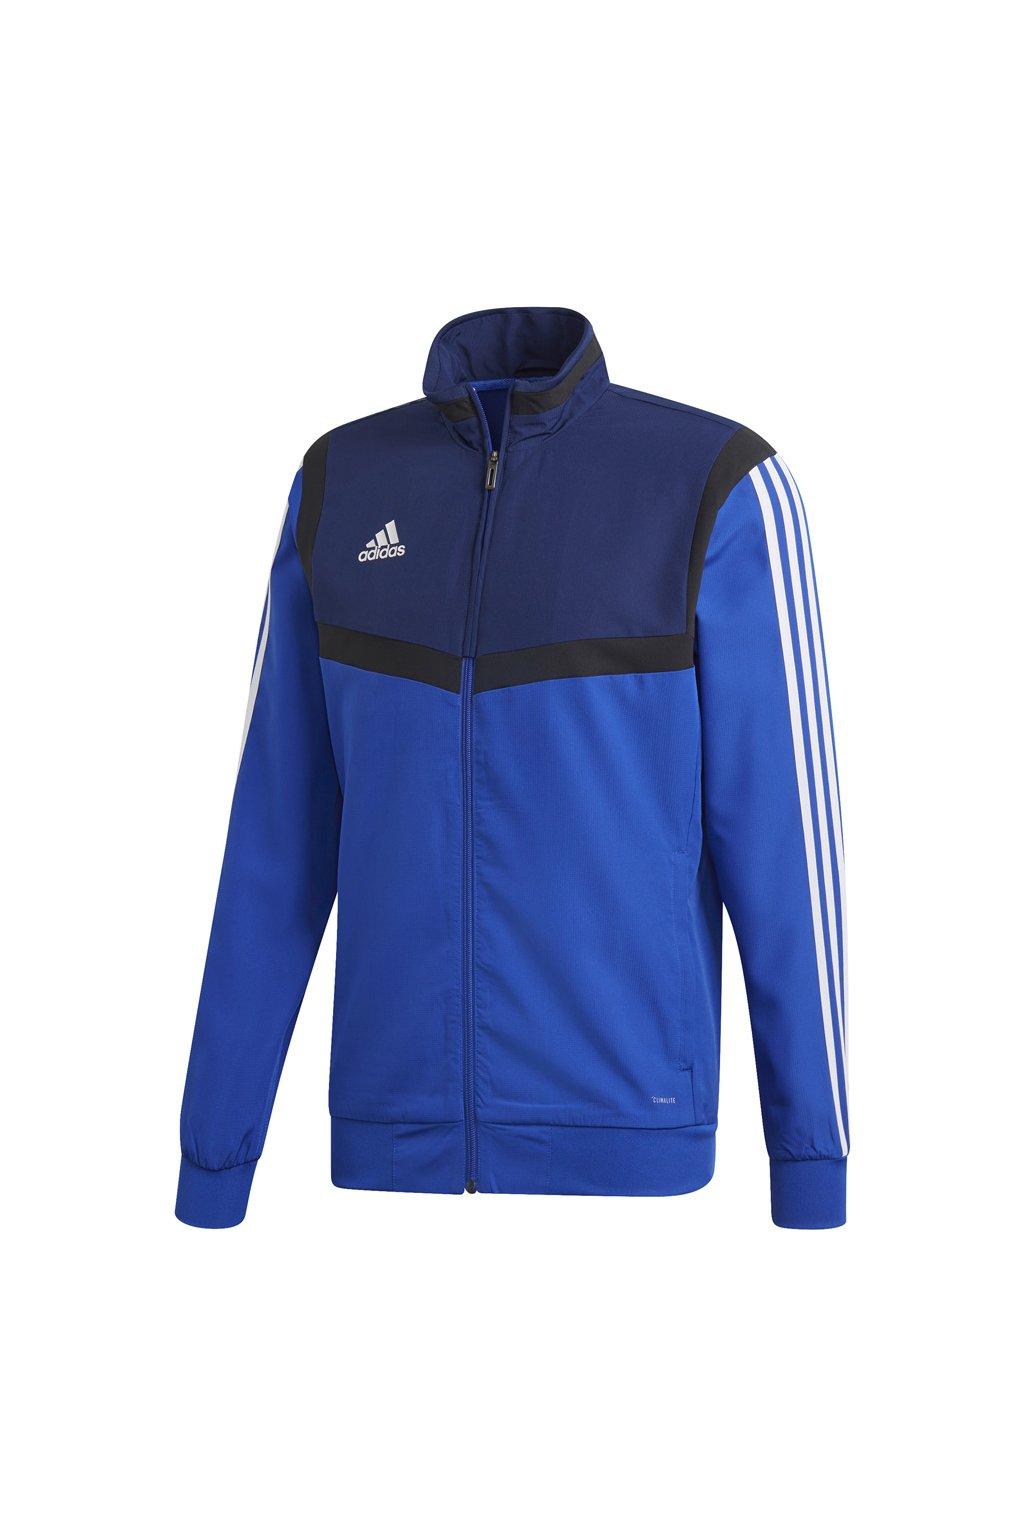 Pánska bunda Adidas Tiro 19 modrá DT5266